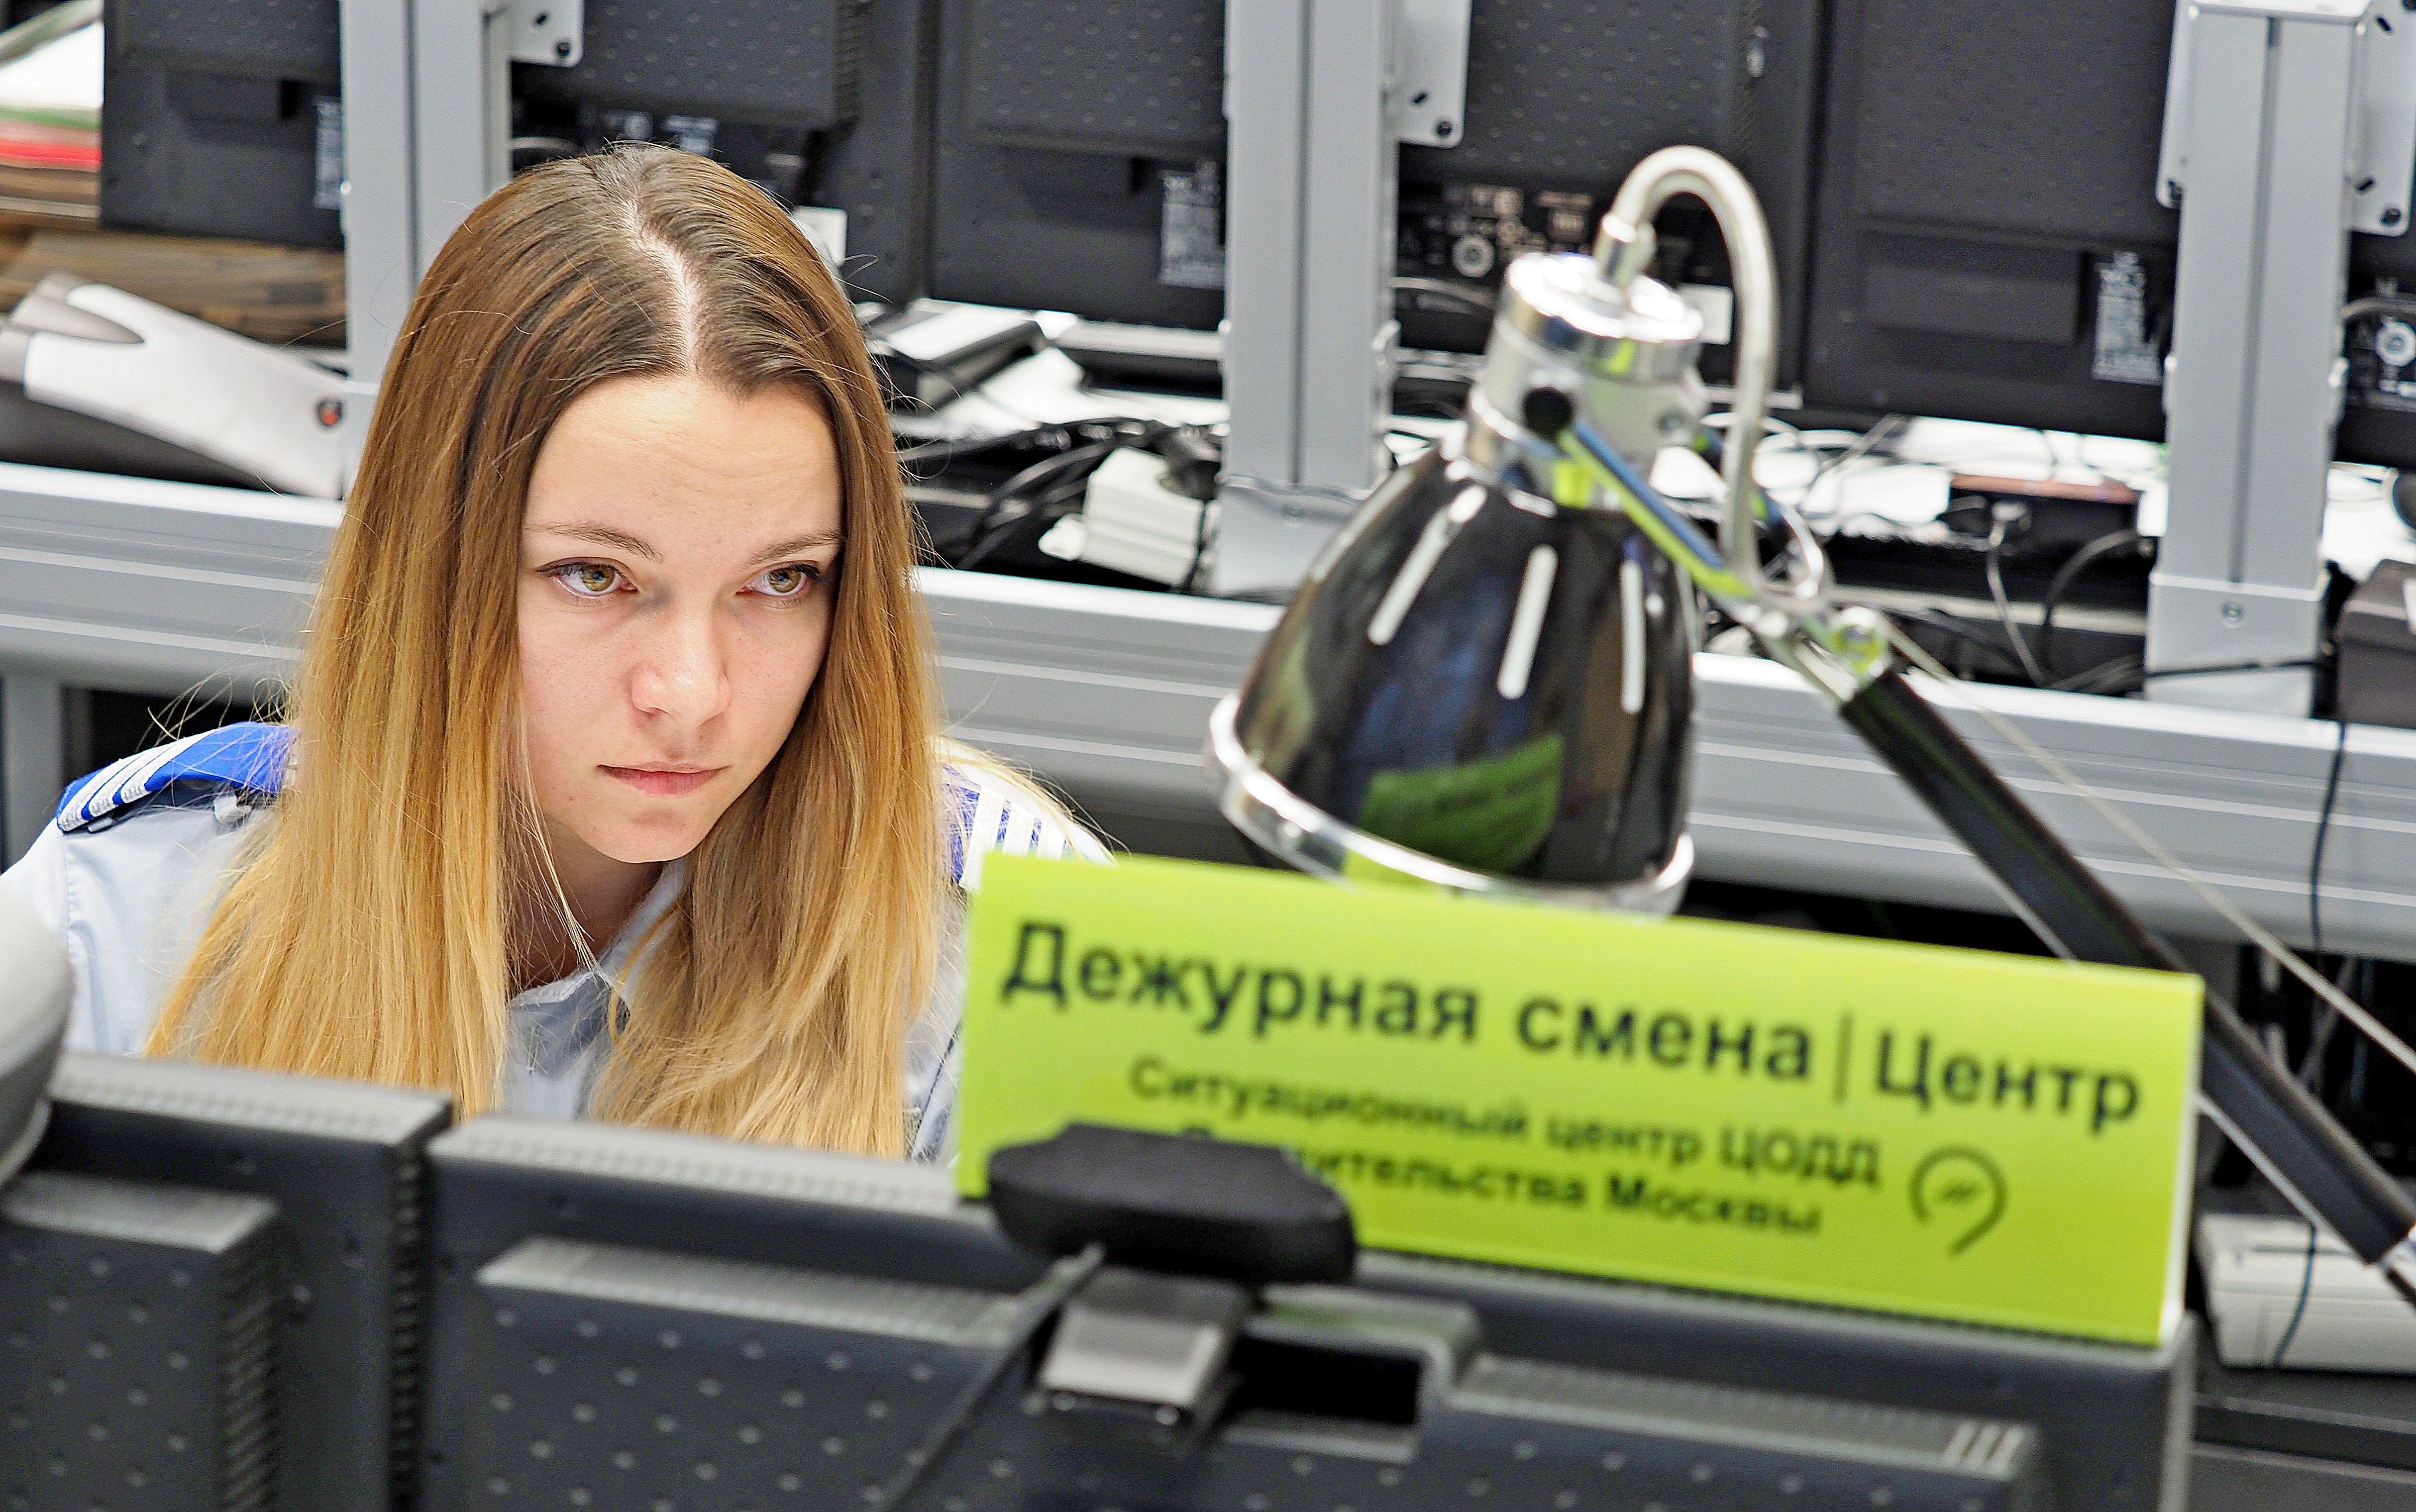 Требования к скорости изменили на Калужском шоссе в Москве